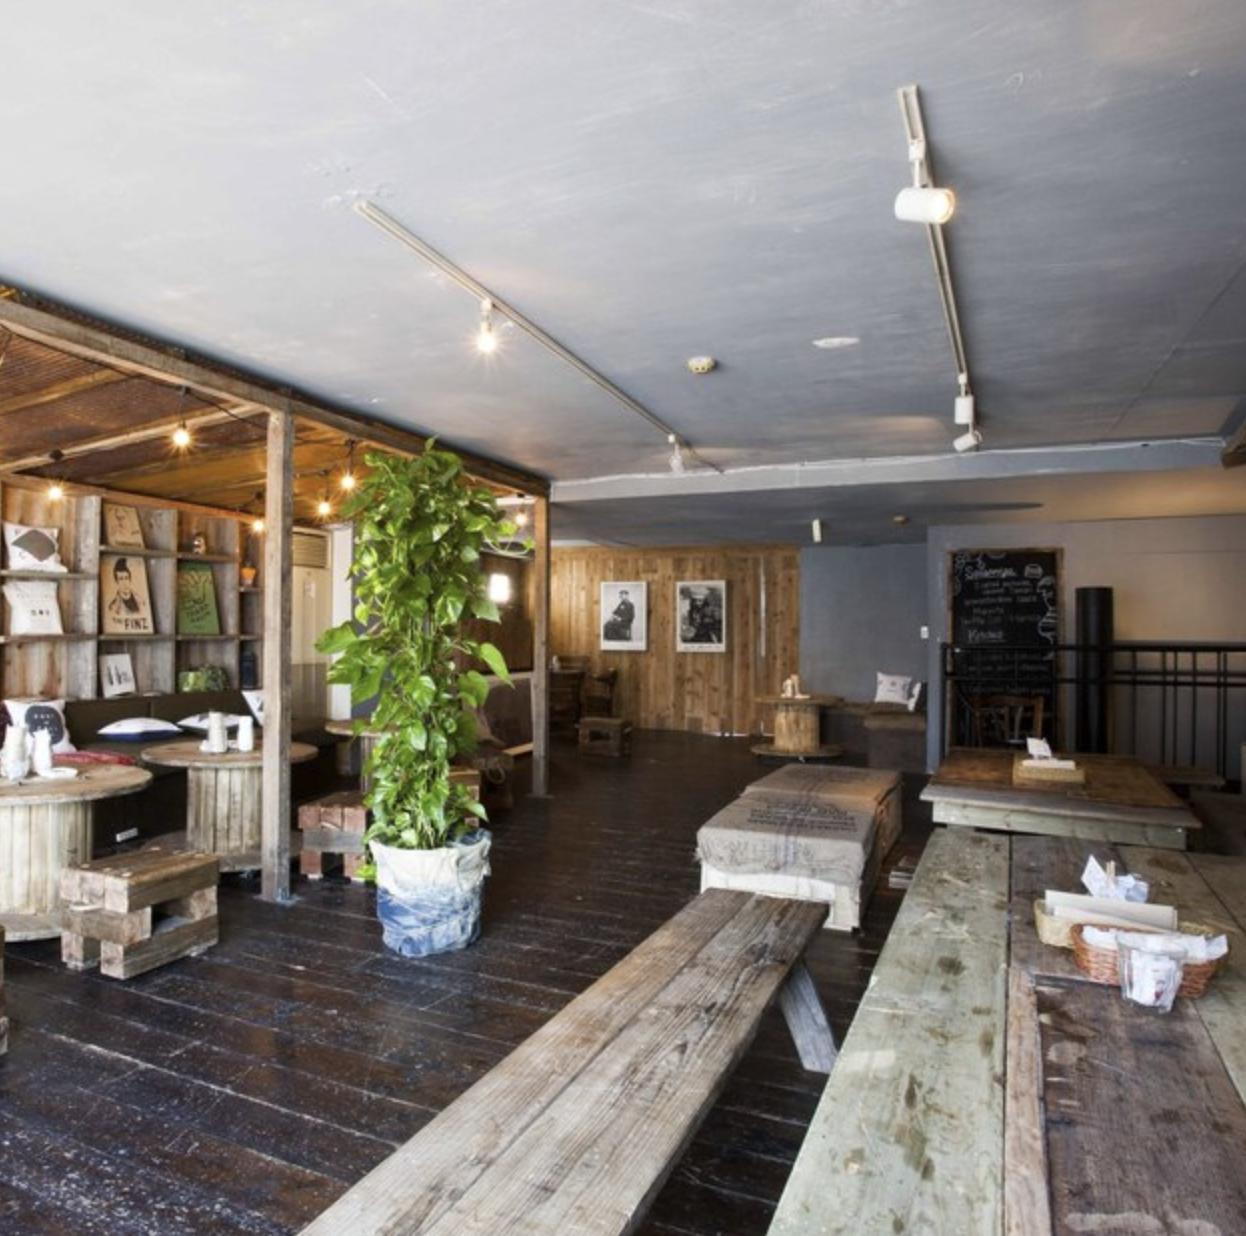 山梨県の工務店、未来建築工房とつくる注文住宅。|ホテルライクな家が欲しいならHOUSEⅢⅨ(未来建築工房 注文住宅事業部)へ